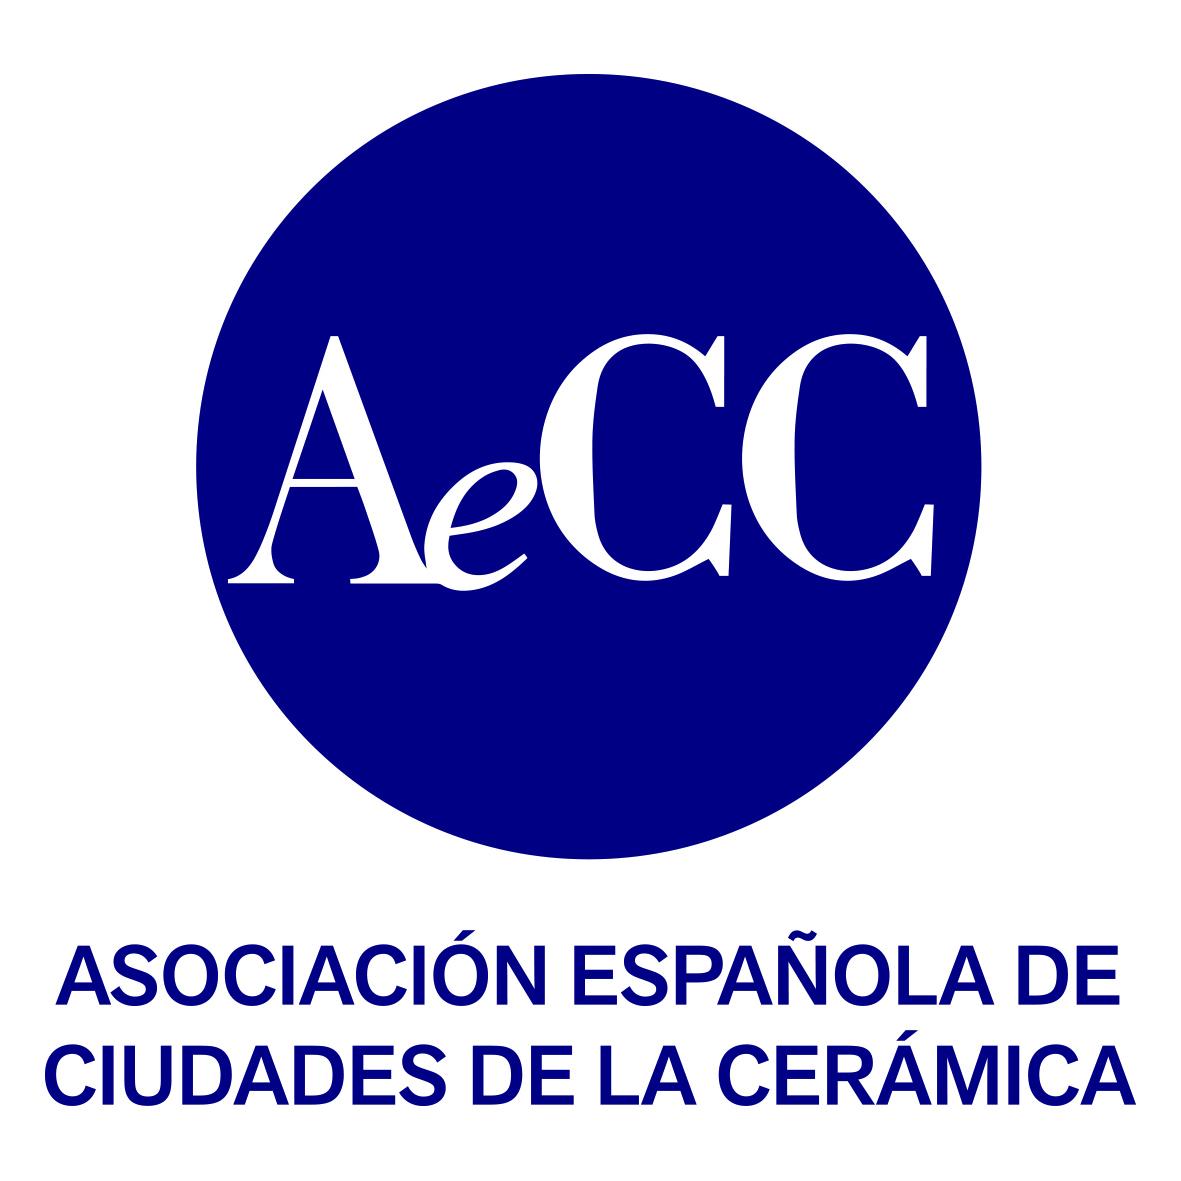 Manises – 23 Noviembre: Asamblea General Y Renovación De Cargos De La AeCC